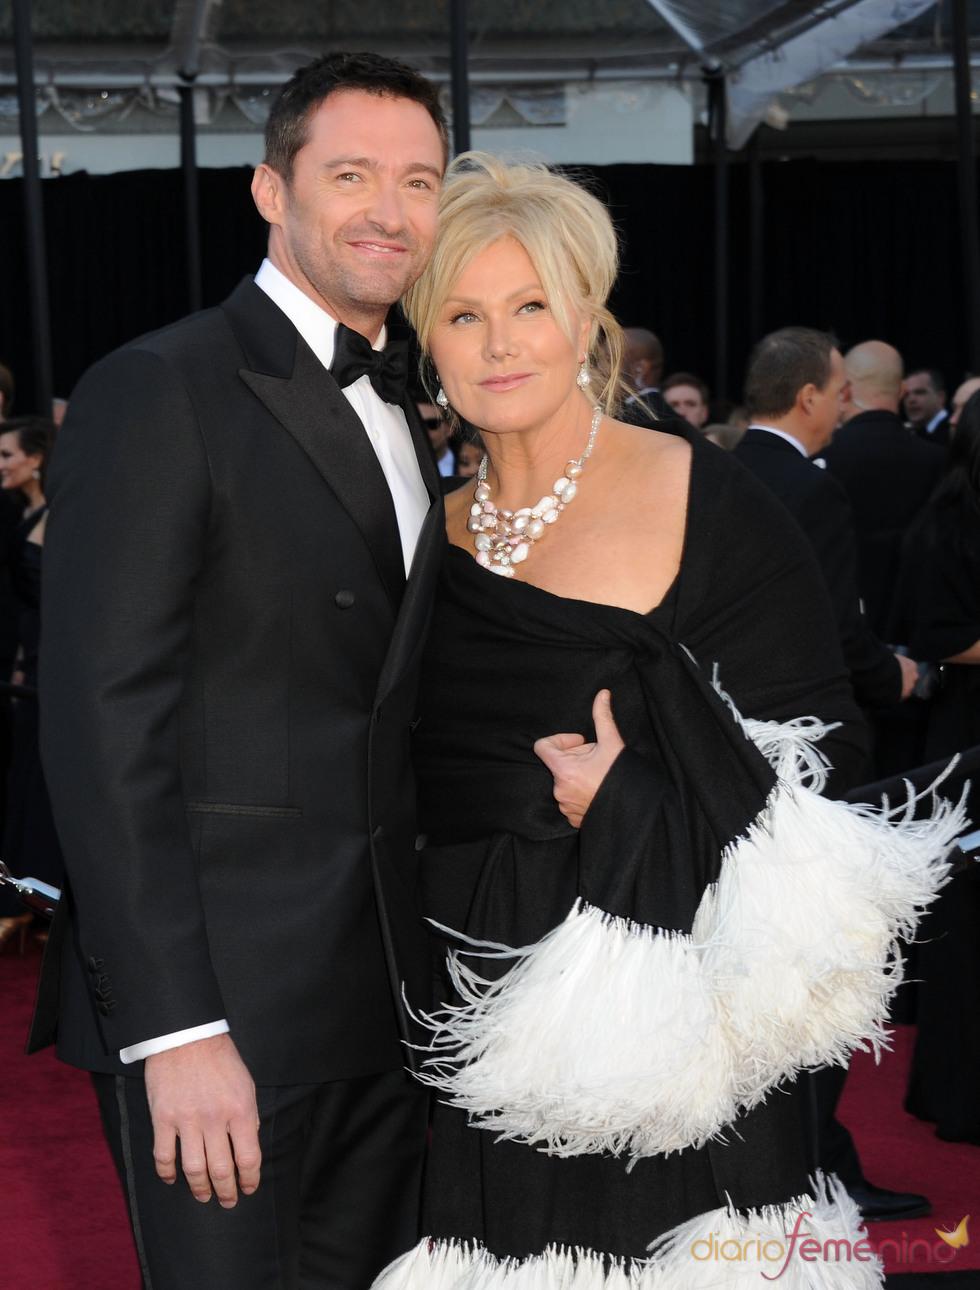 Hugh Jackman y Deborra-Lee Furness en la alfombra roja de los Oscar 2011